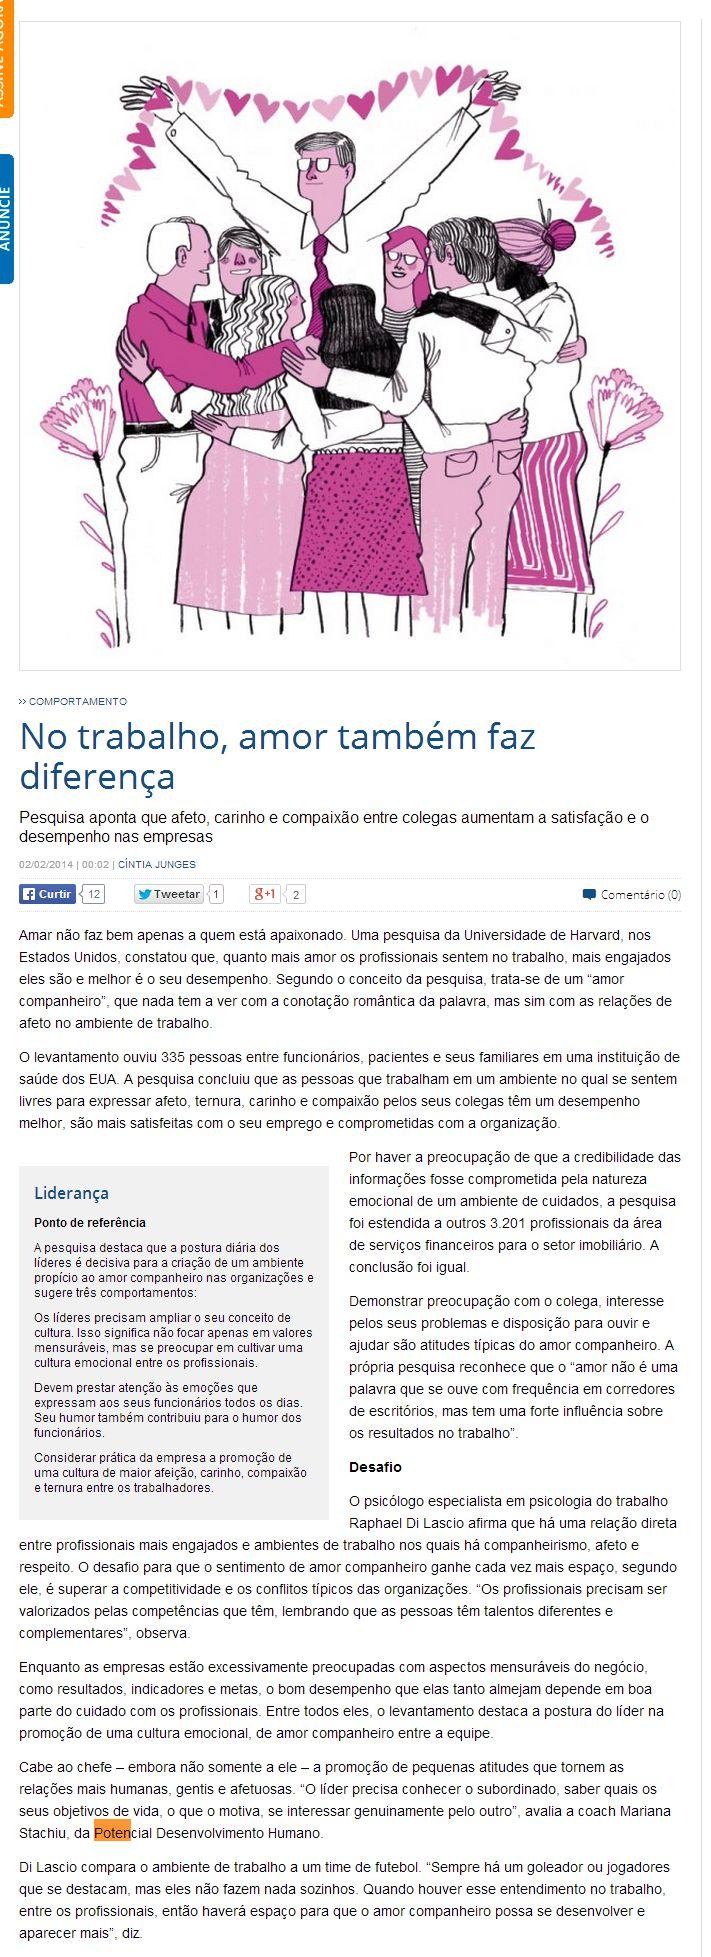 Imprensa | Gazeta do Povo: No trabalho, amor também faz diferença